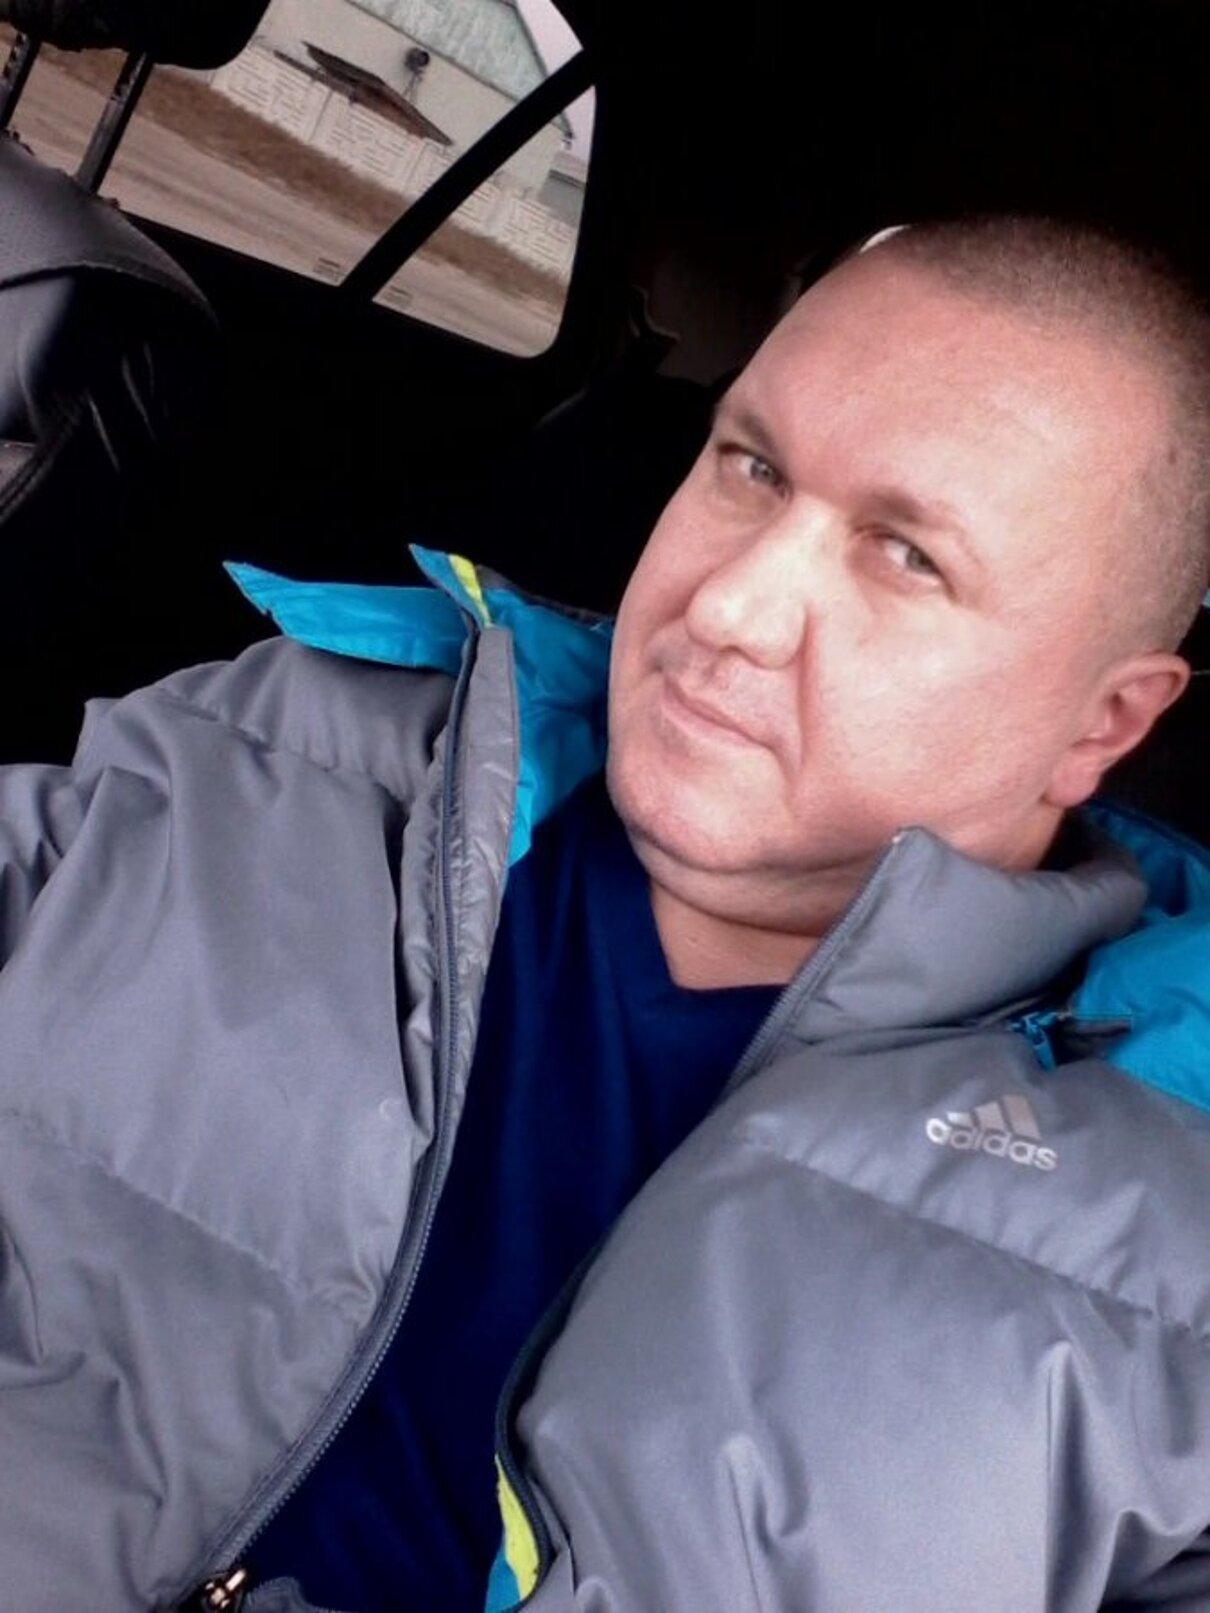 Жалоба-отзыв: Рахманкулов Алимжан (Олег) 43года - Г.Чита Альфонс, аферист и патологический врун.  Фото №1